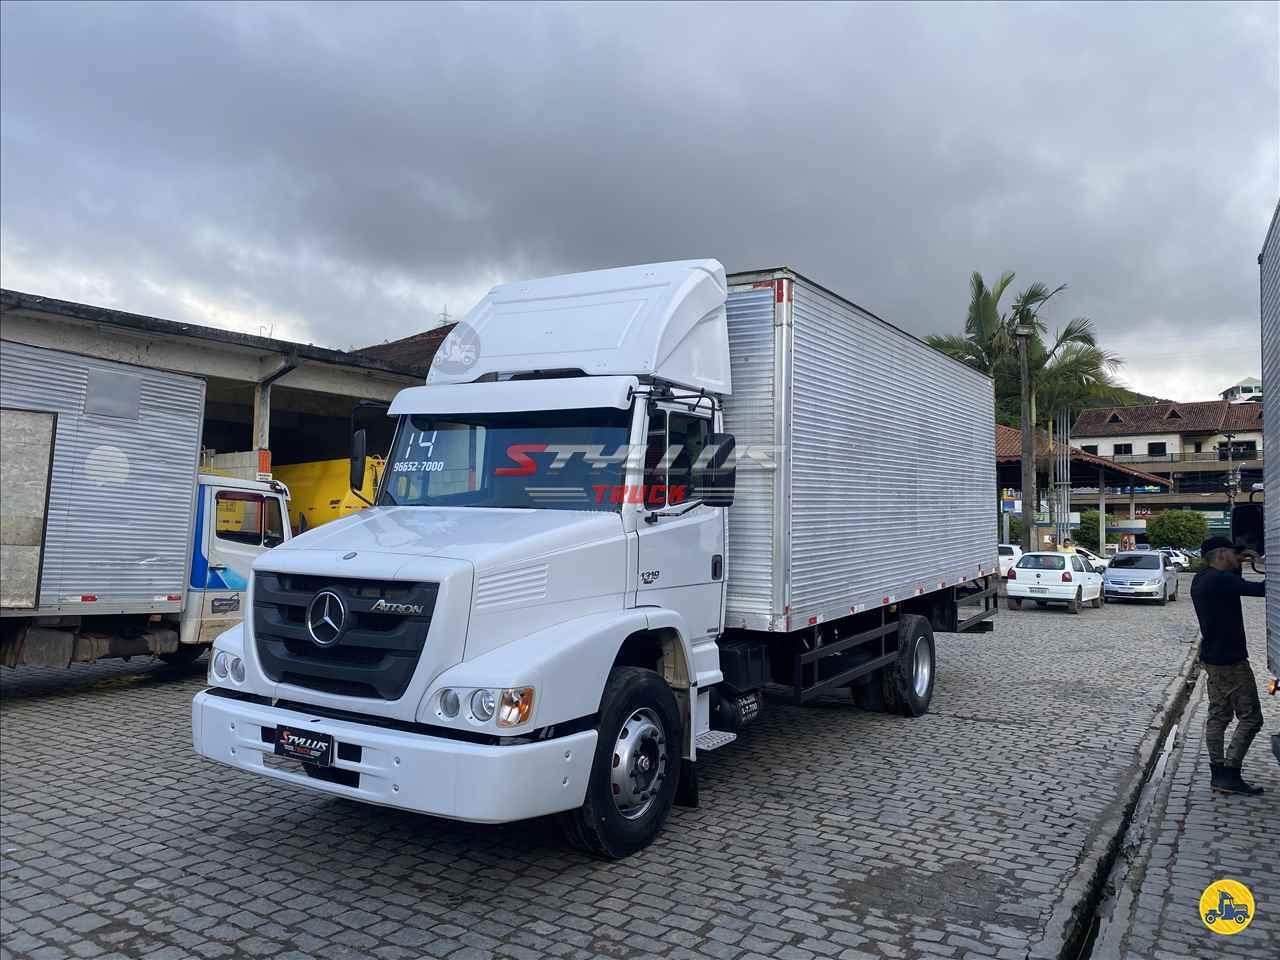 CAMINHAO MERCEDES-BENZ MB 1319 Baú Furgão Toco 4x2 Styllus Truck TERESOPOLIS RIO DE JANEIRO RJ